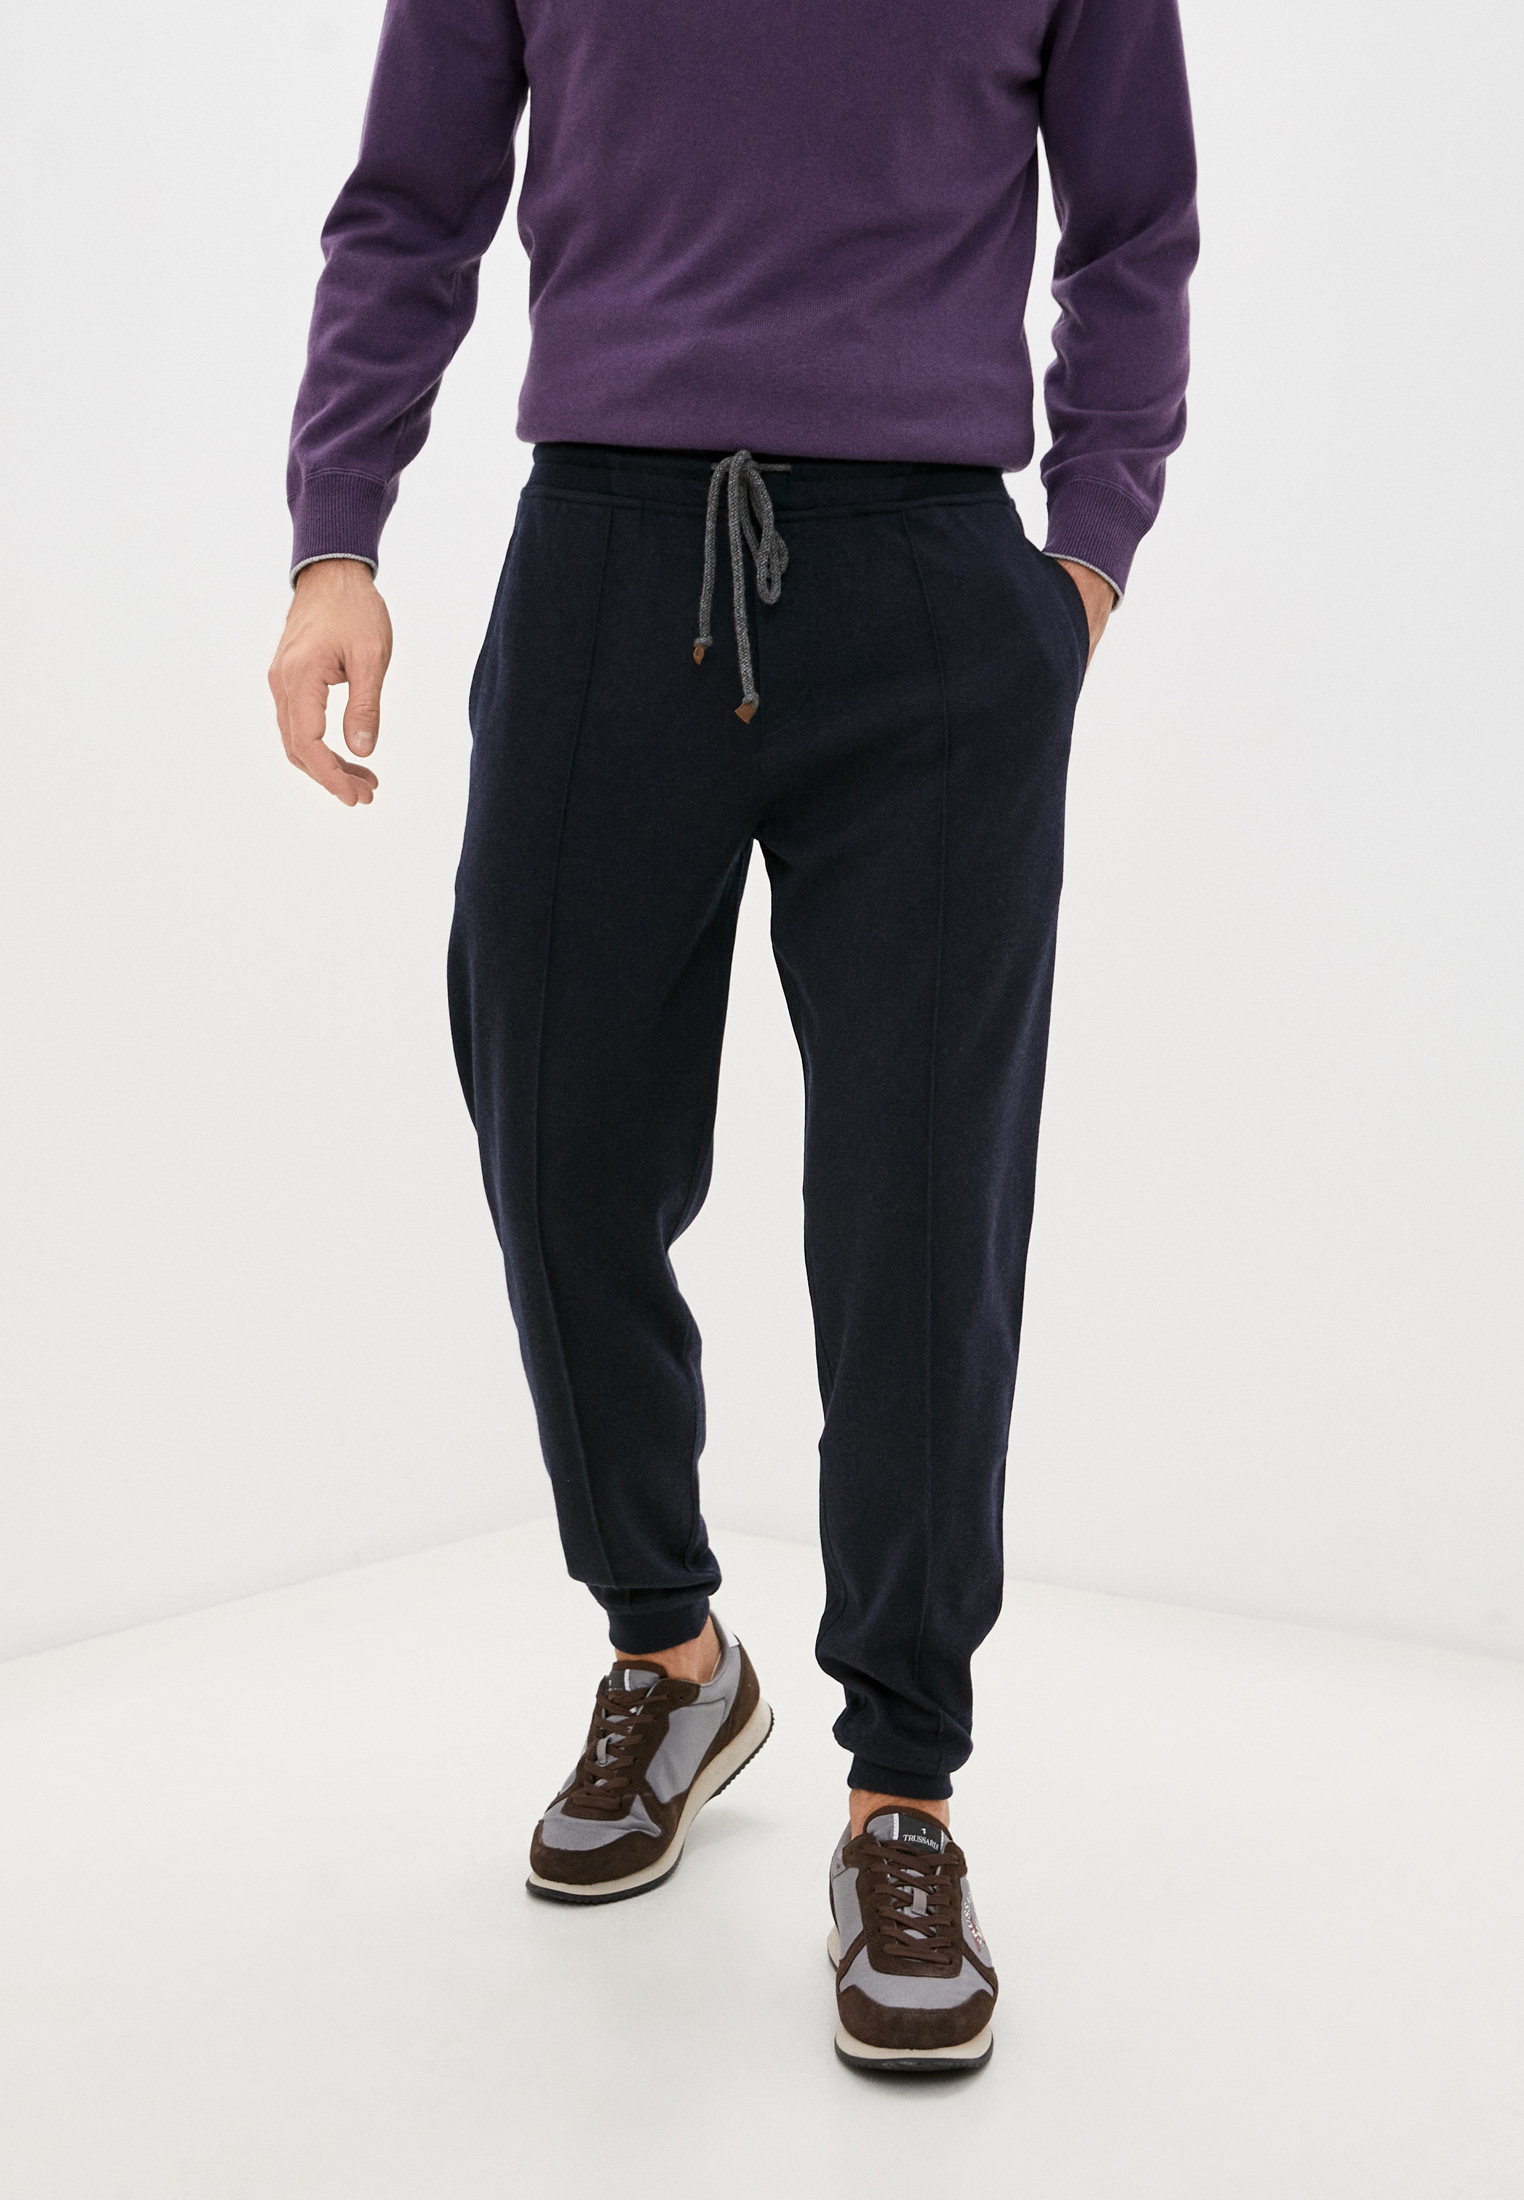 Мужские спортивные брюки Brunello Cucinelli Брюки спортивные Brunello Cucinelli